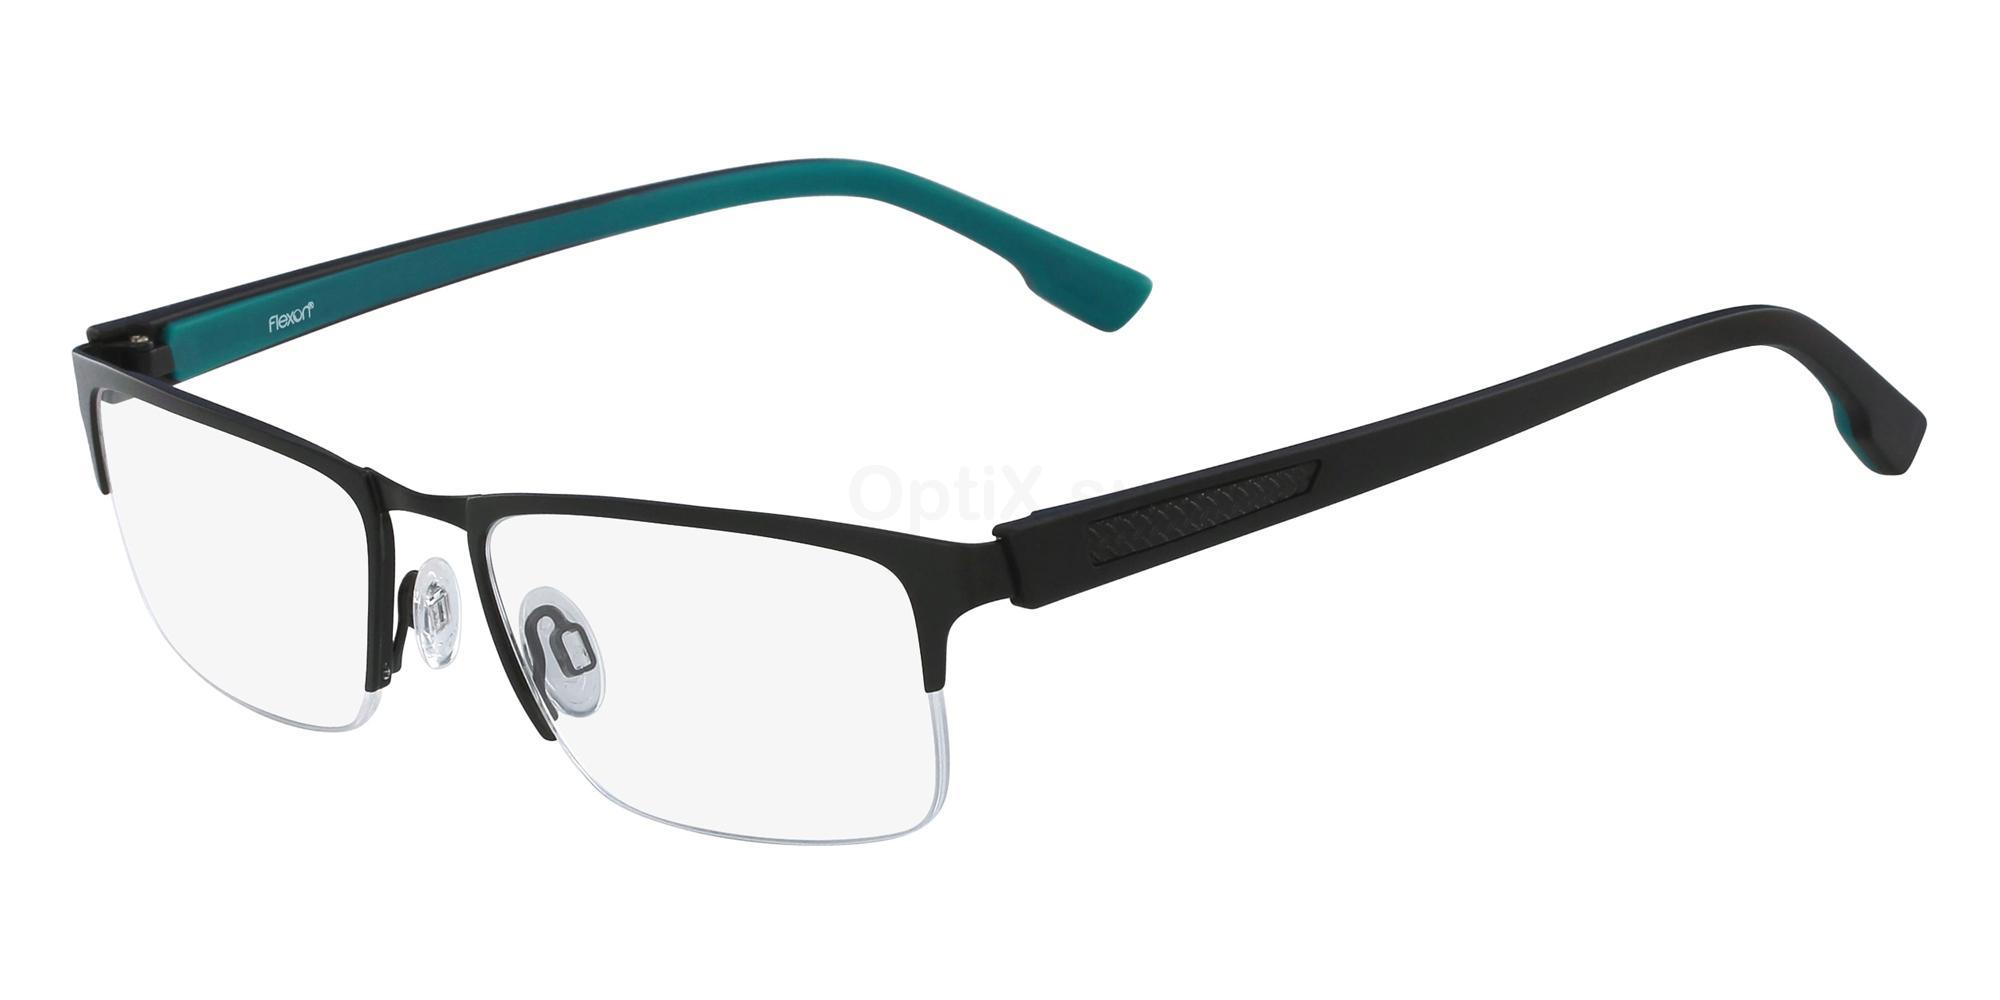 001 FLEXON E1040 Glasses, Flexon